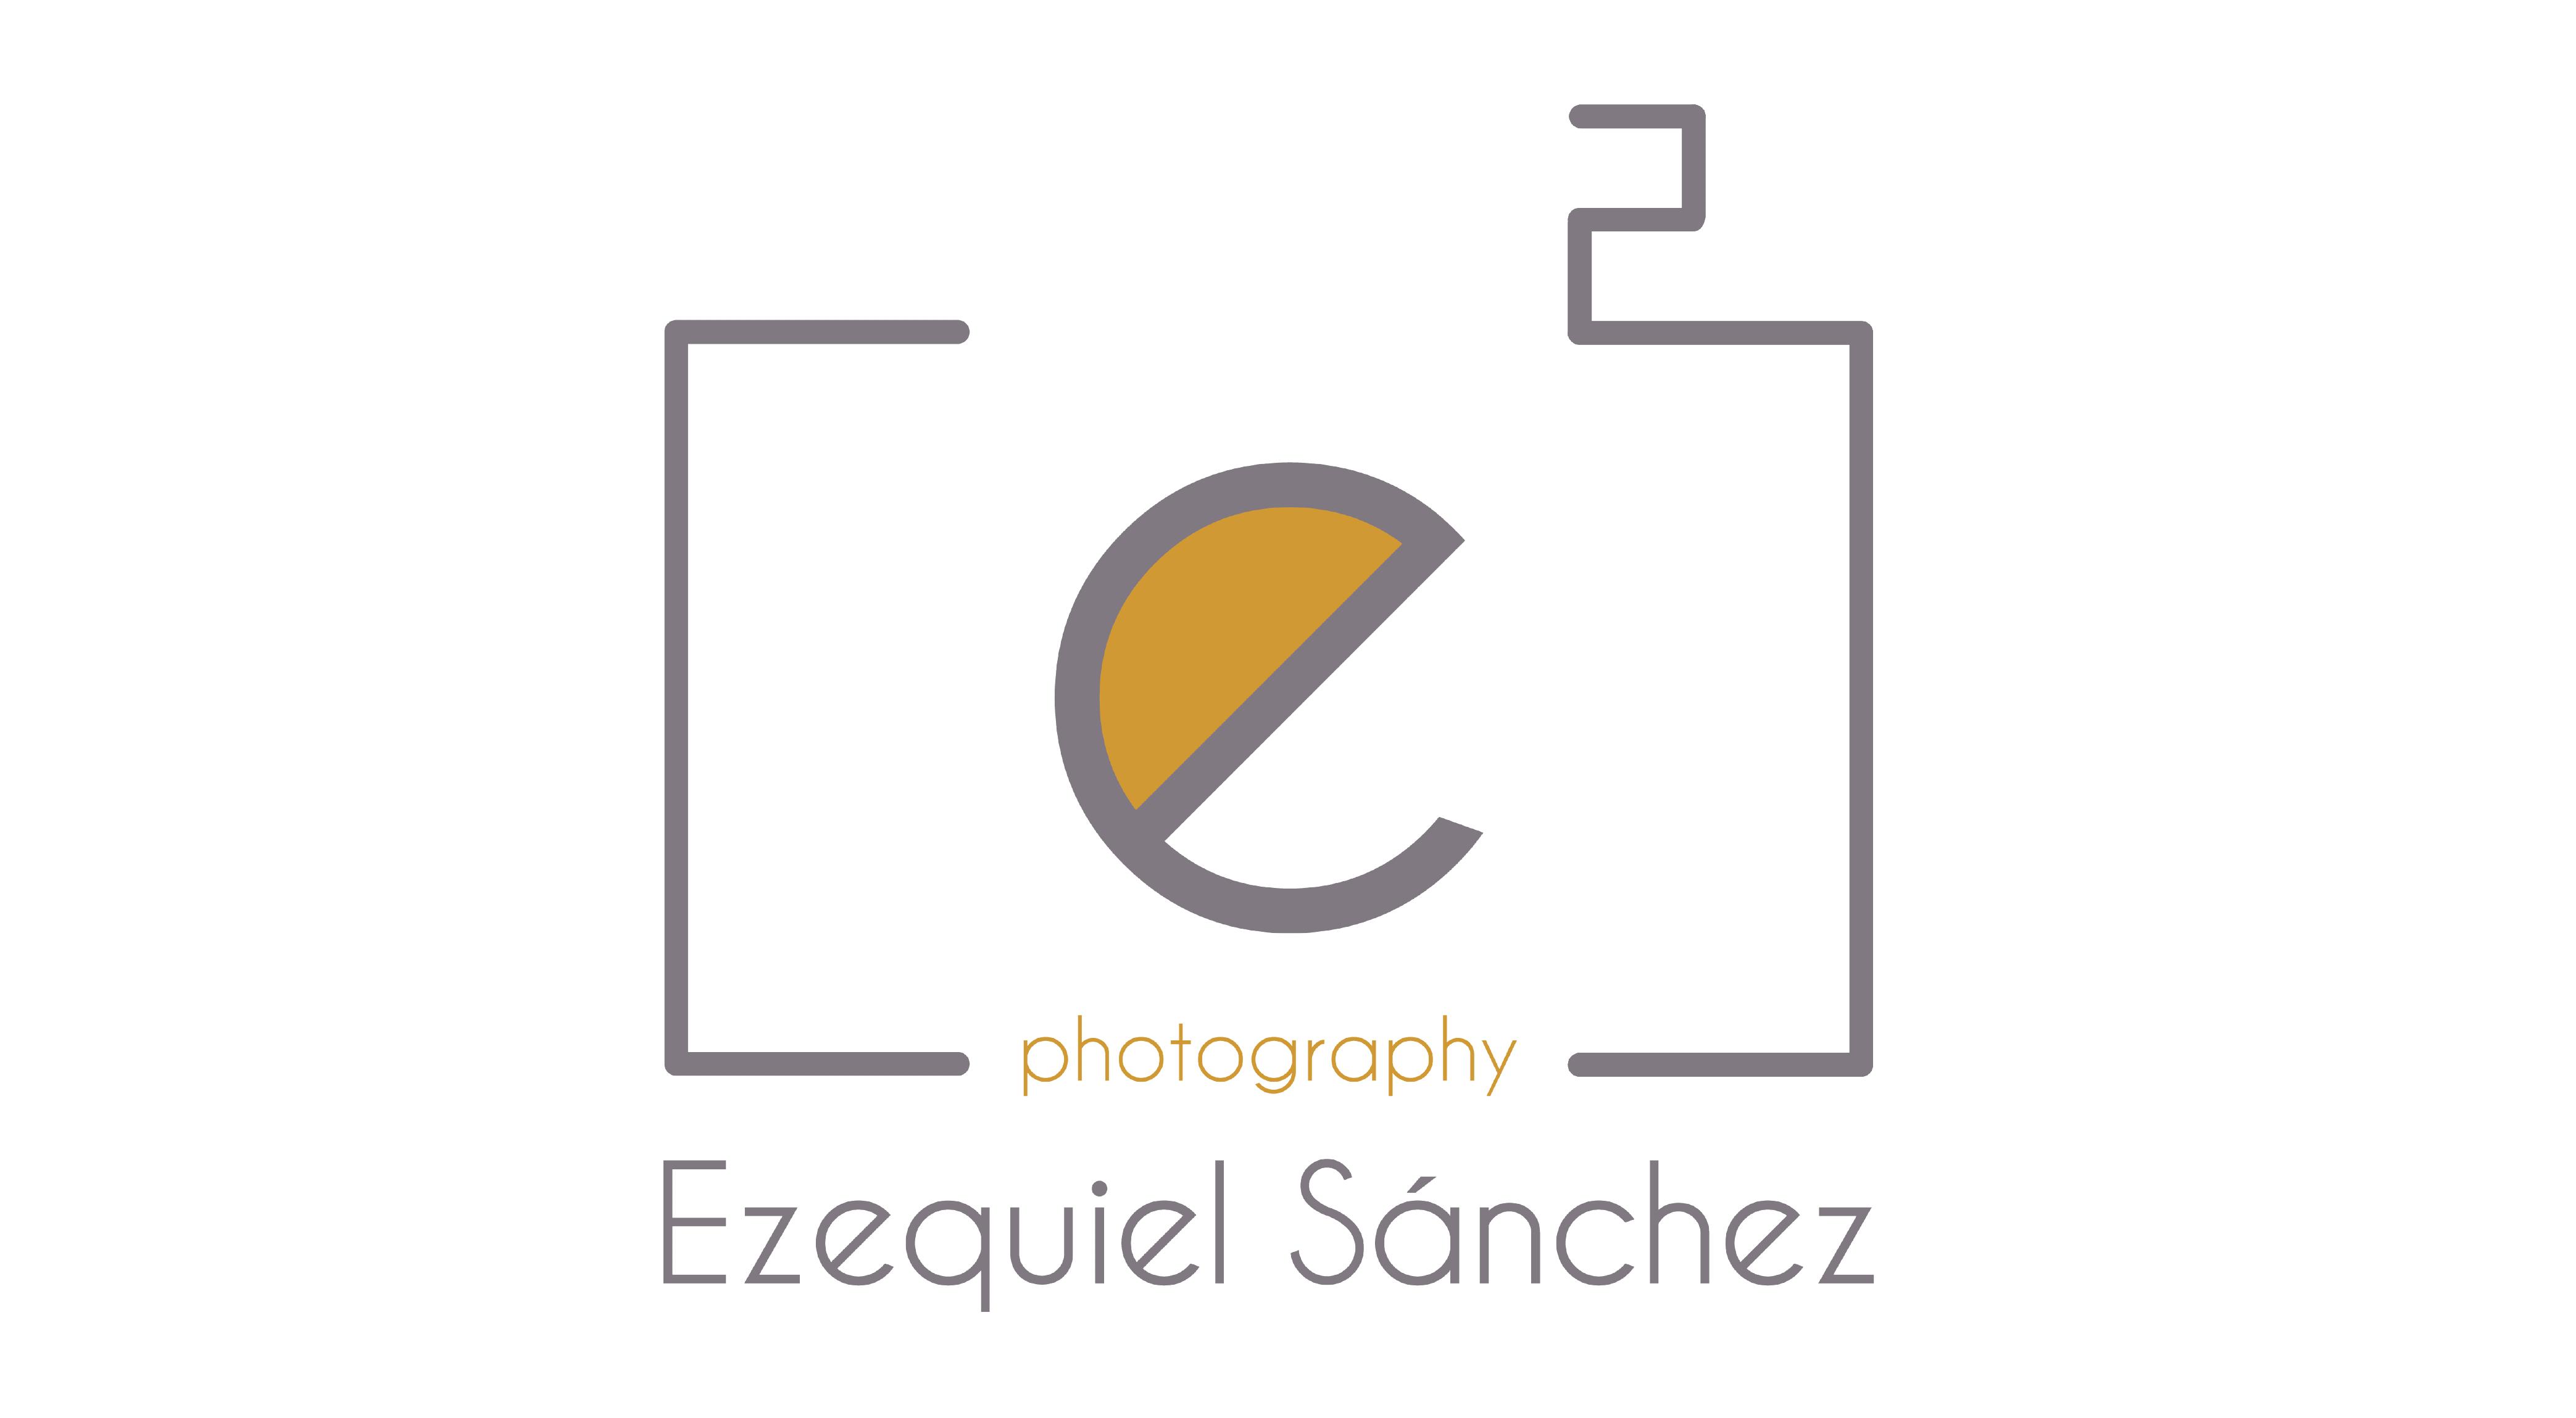 Ezequiel Sanchez